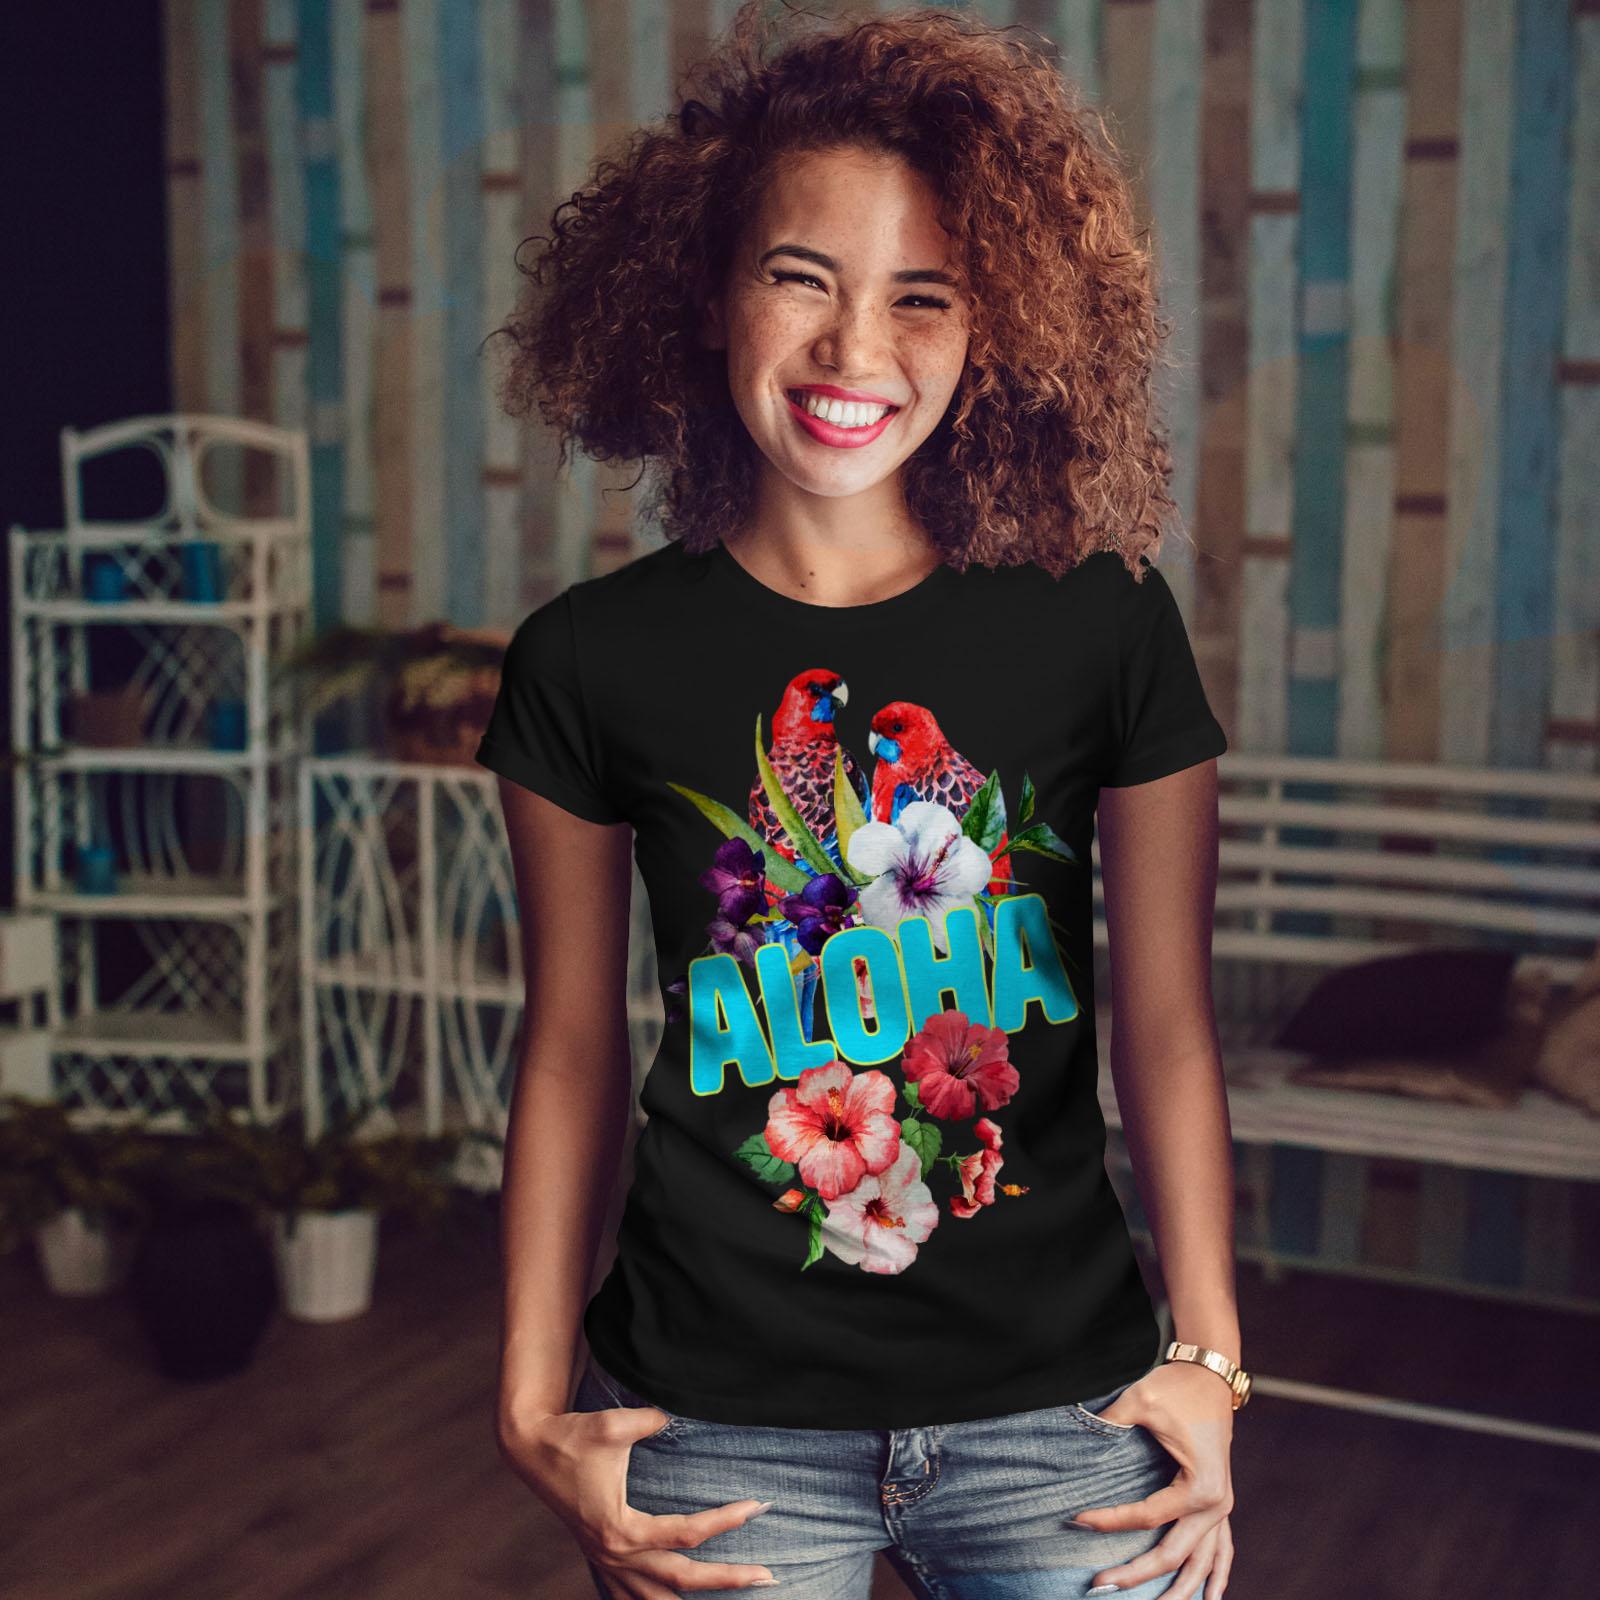 Wellcoda-Hawaiian-Aloha-Bloom-Womens-T-shirt-Bird-Casual-Design-Printed-Tee thumbnail 4